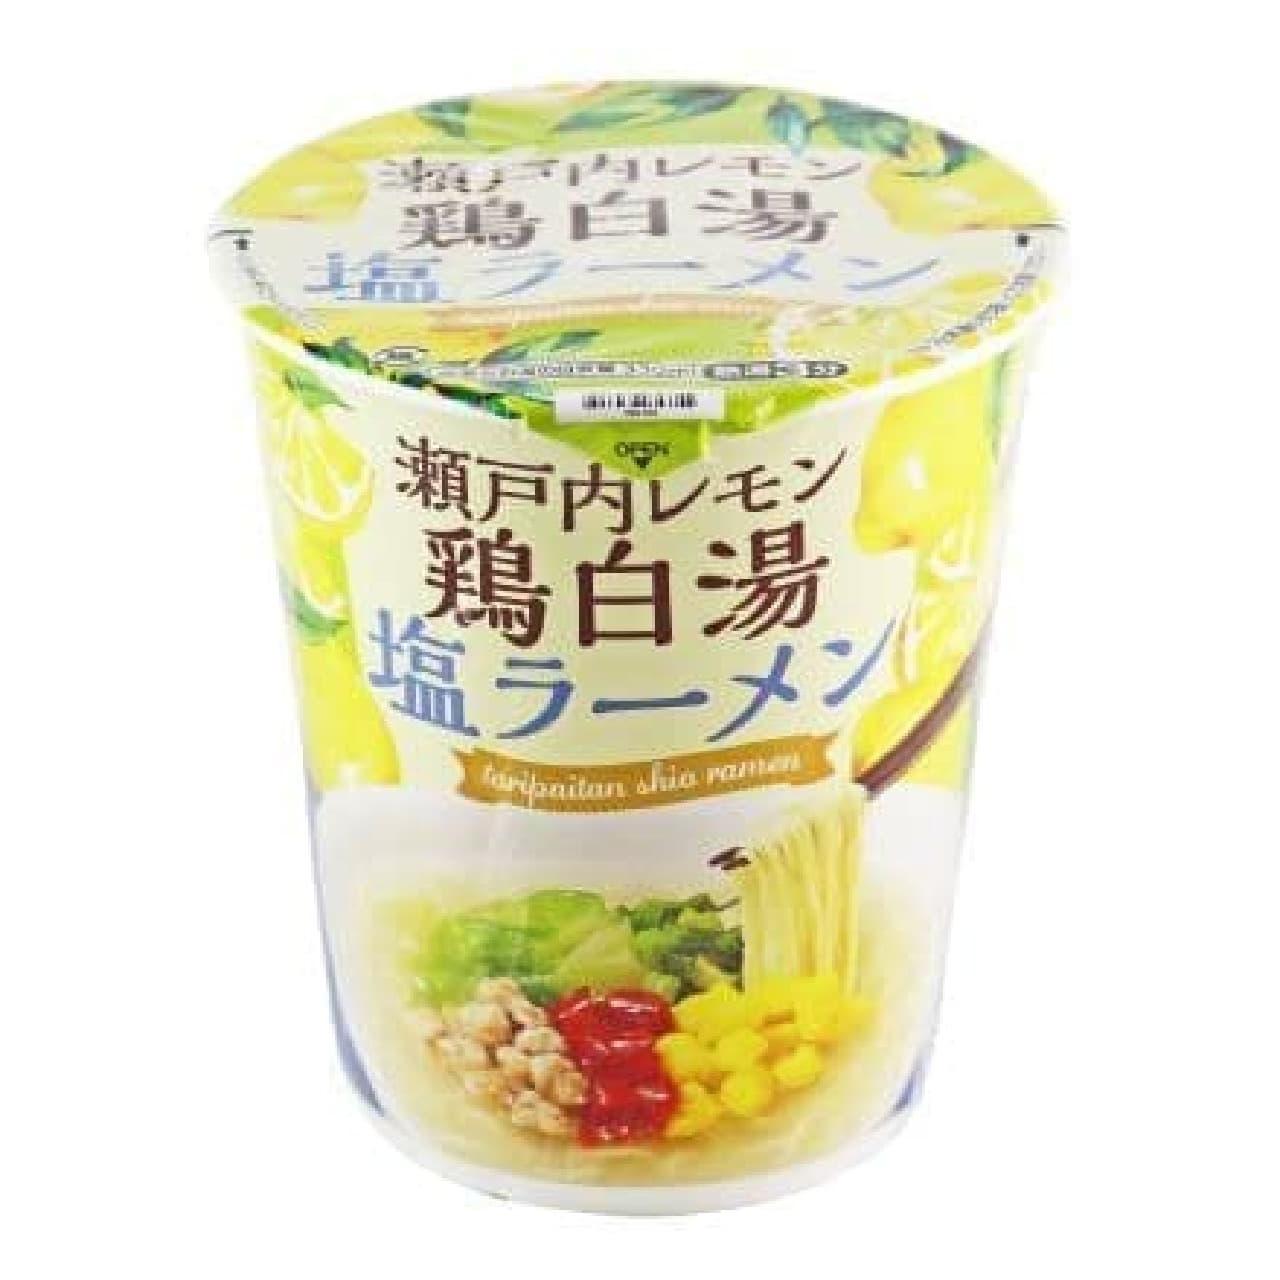 「オリジナル 瀬戸内レモン 鶏白湯塩ラーメン」は、コクがある鶏白湯に瀬戸内レモンの果汁をたっぷり加えたカップ麺